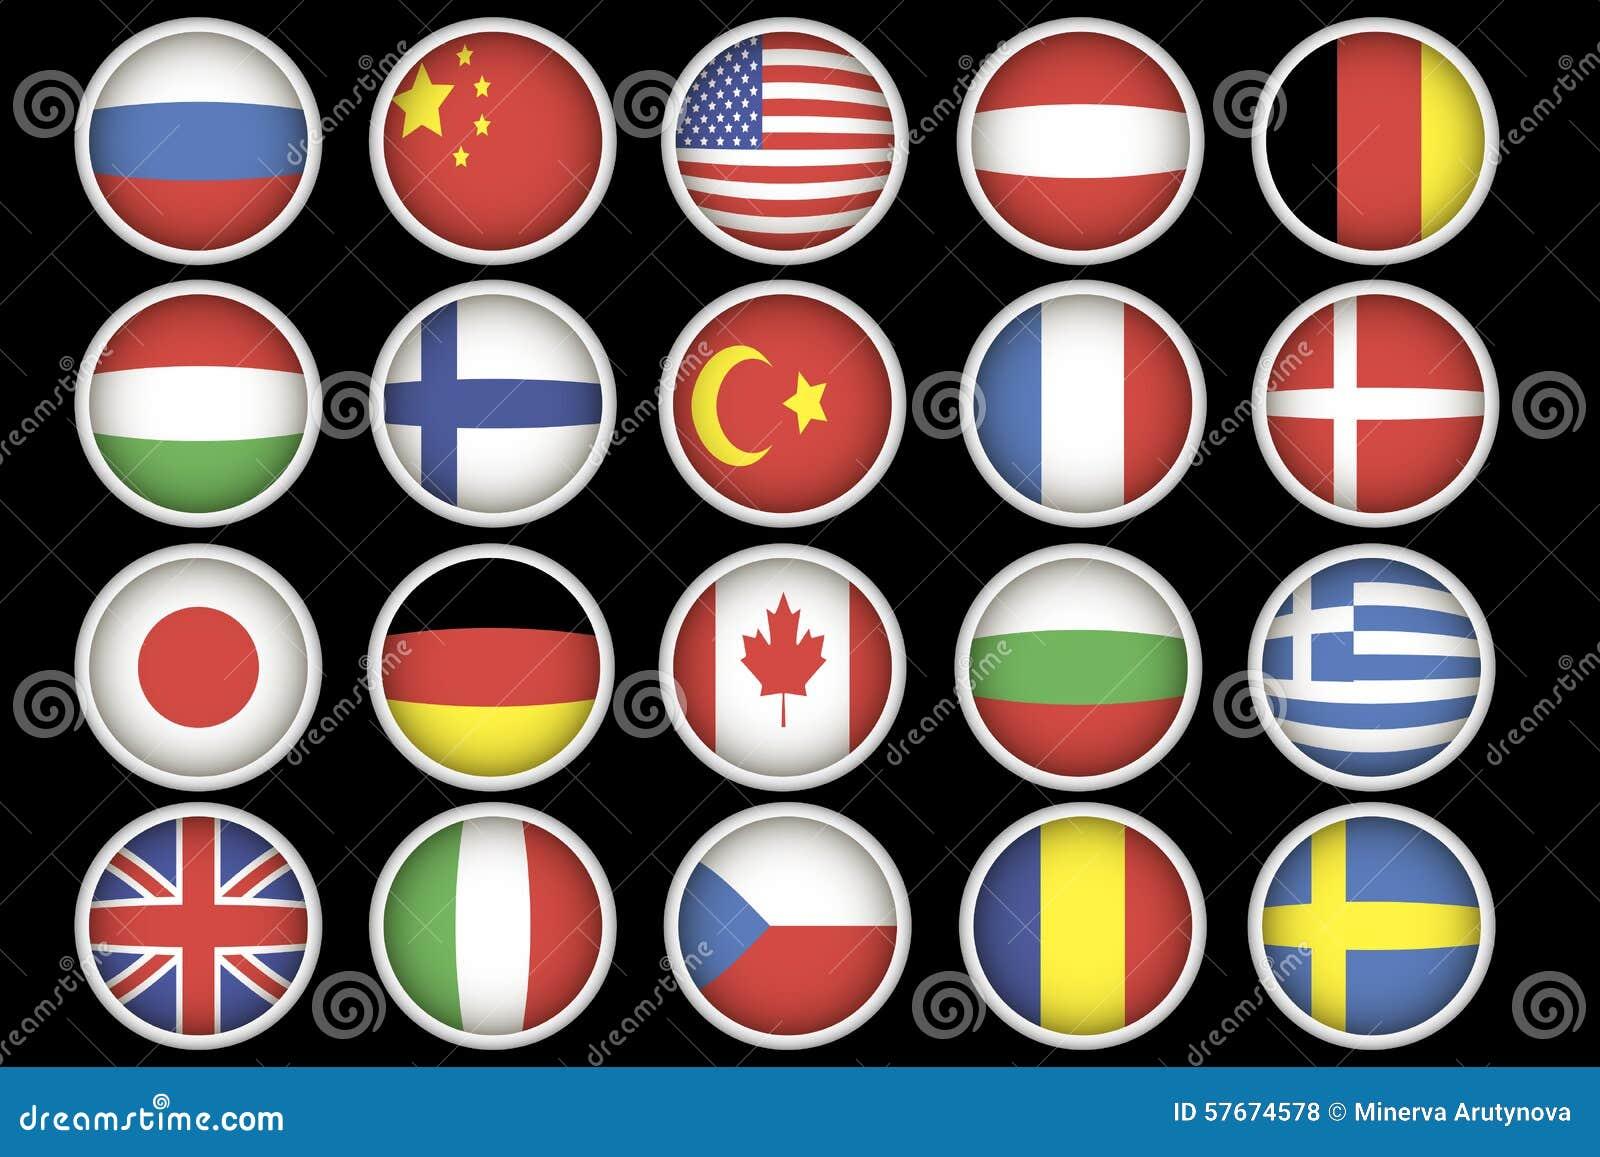 Vlagpictogrammen